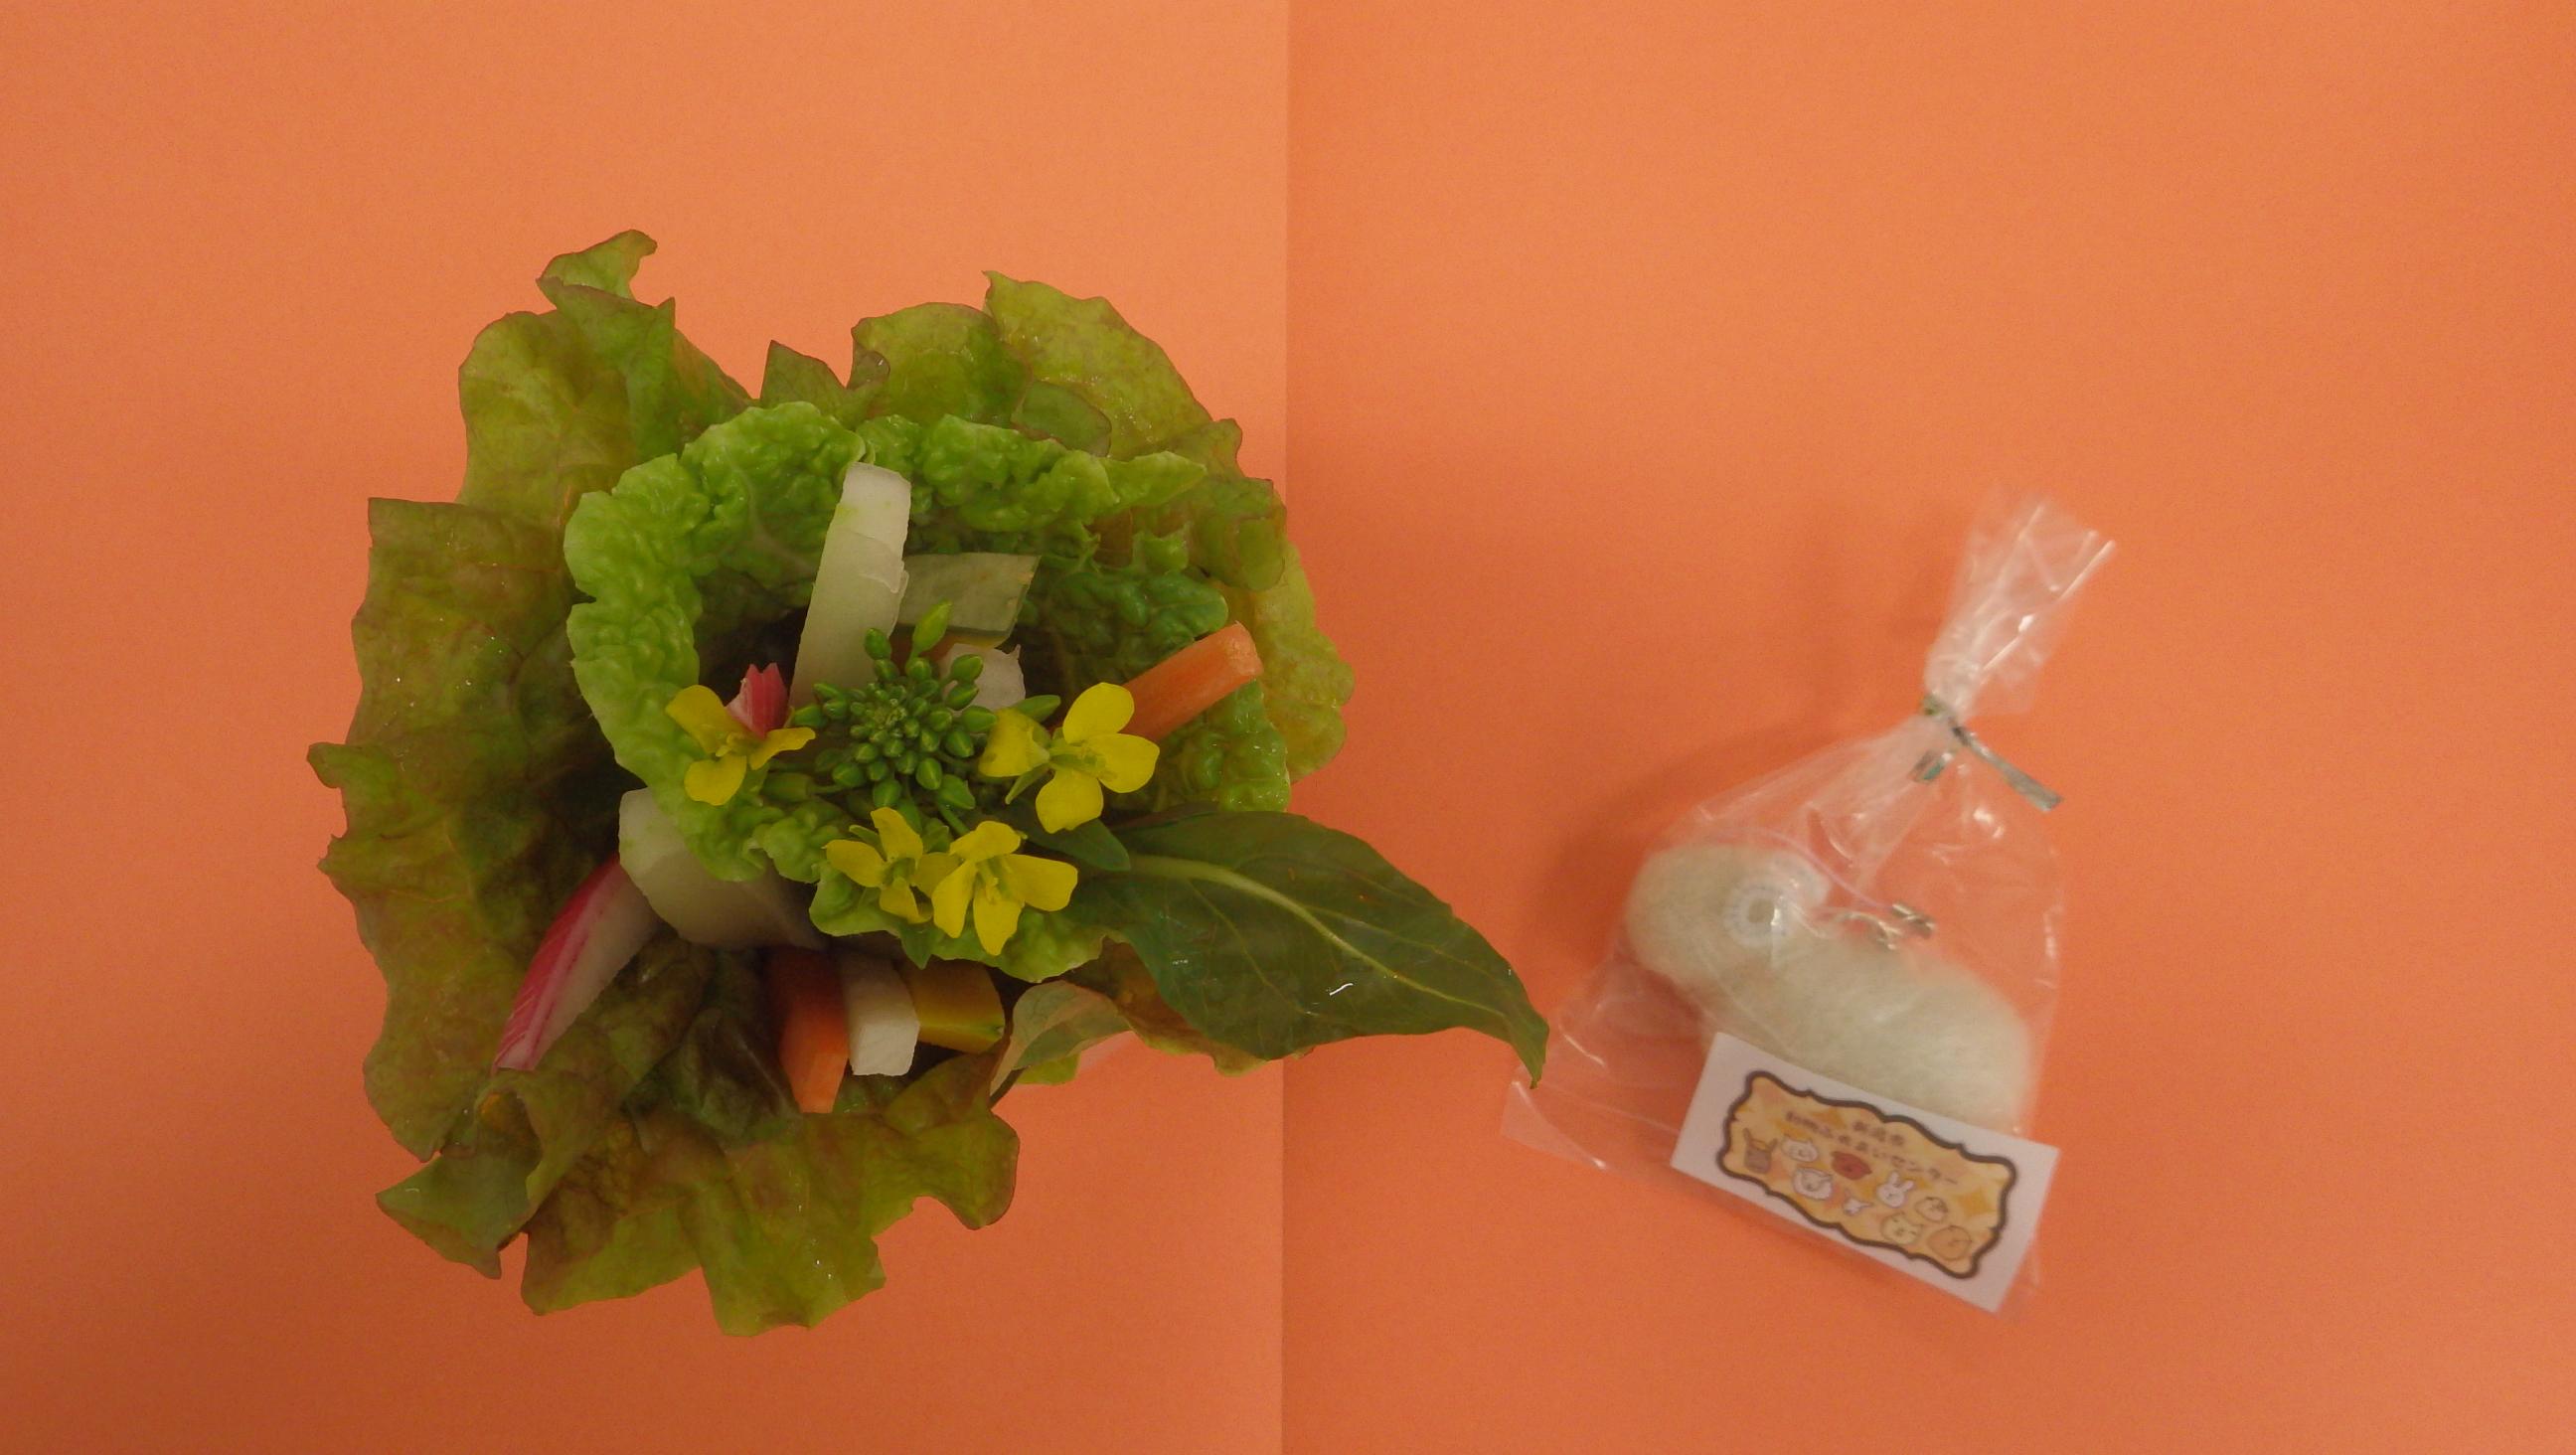 野菜えさやり体験~恵方巻バージョン~